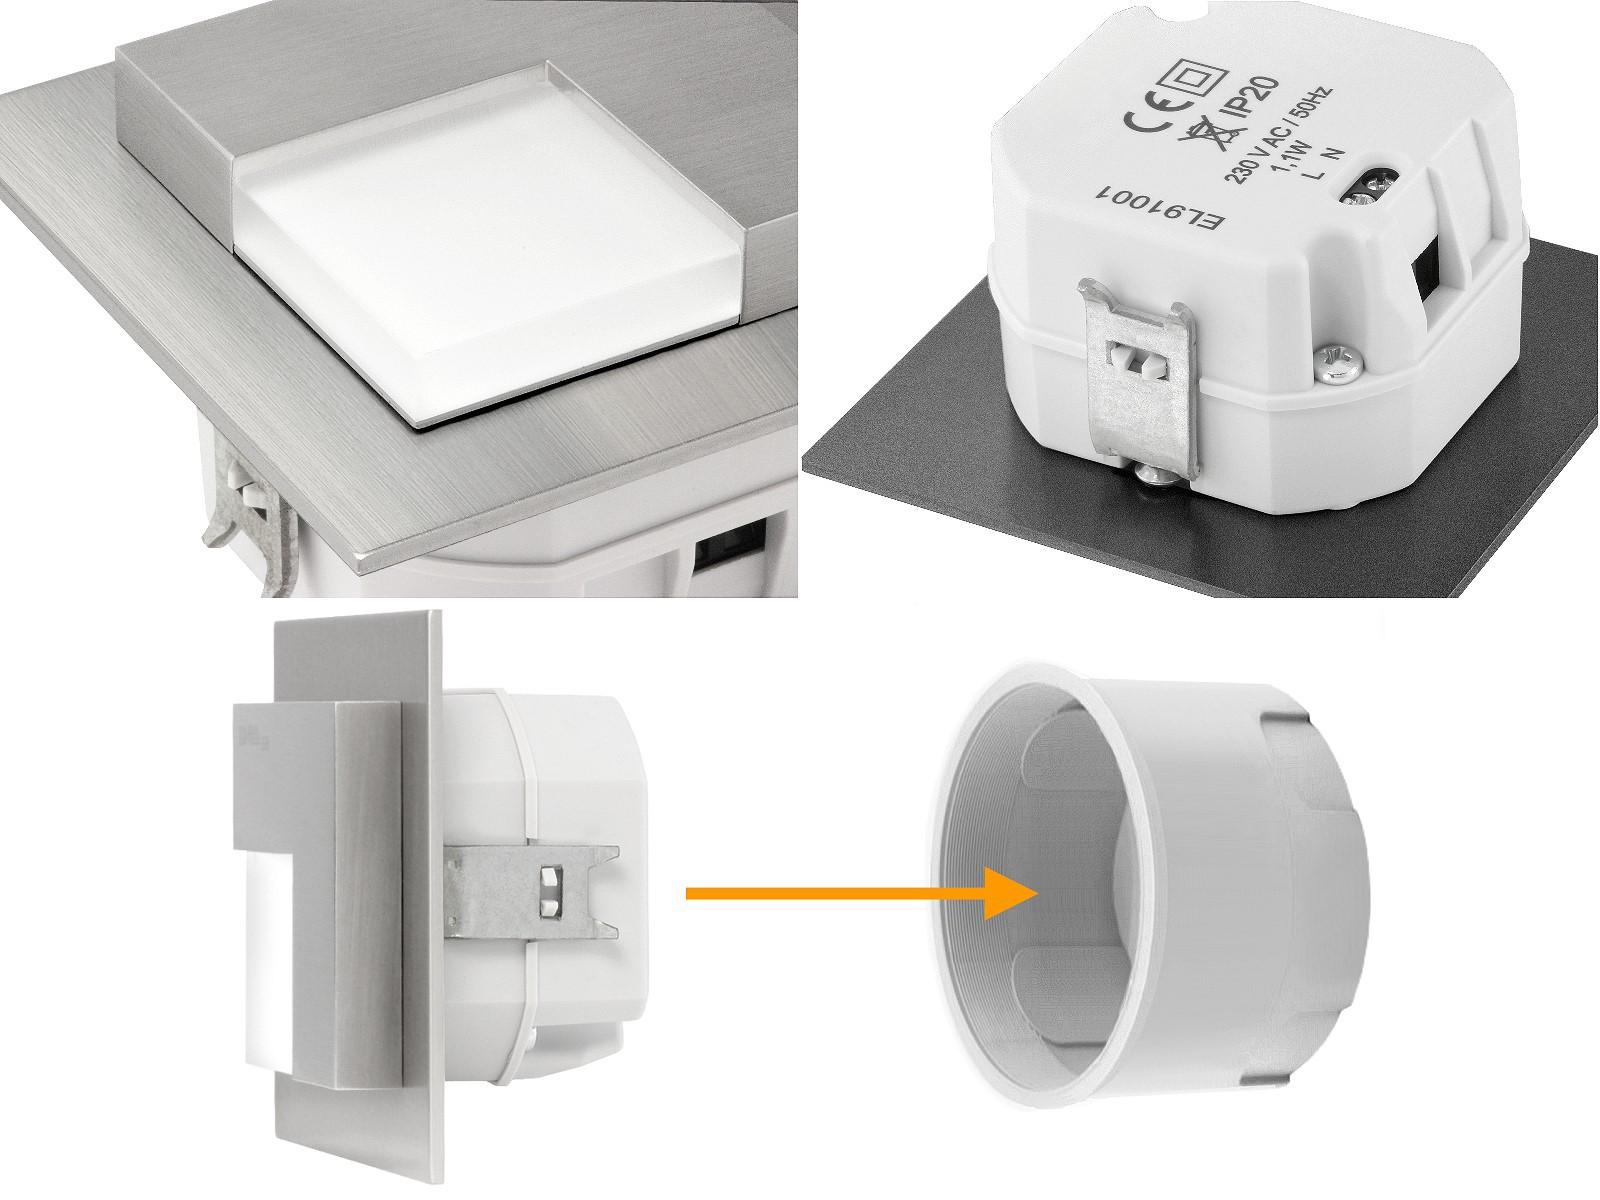 treppenbeleuchtung led 230v schalterdose glas. Black Bedroom Furniture Sets. Home Design Ideas